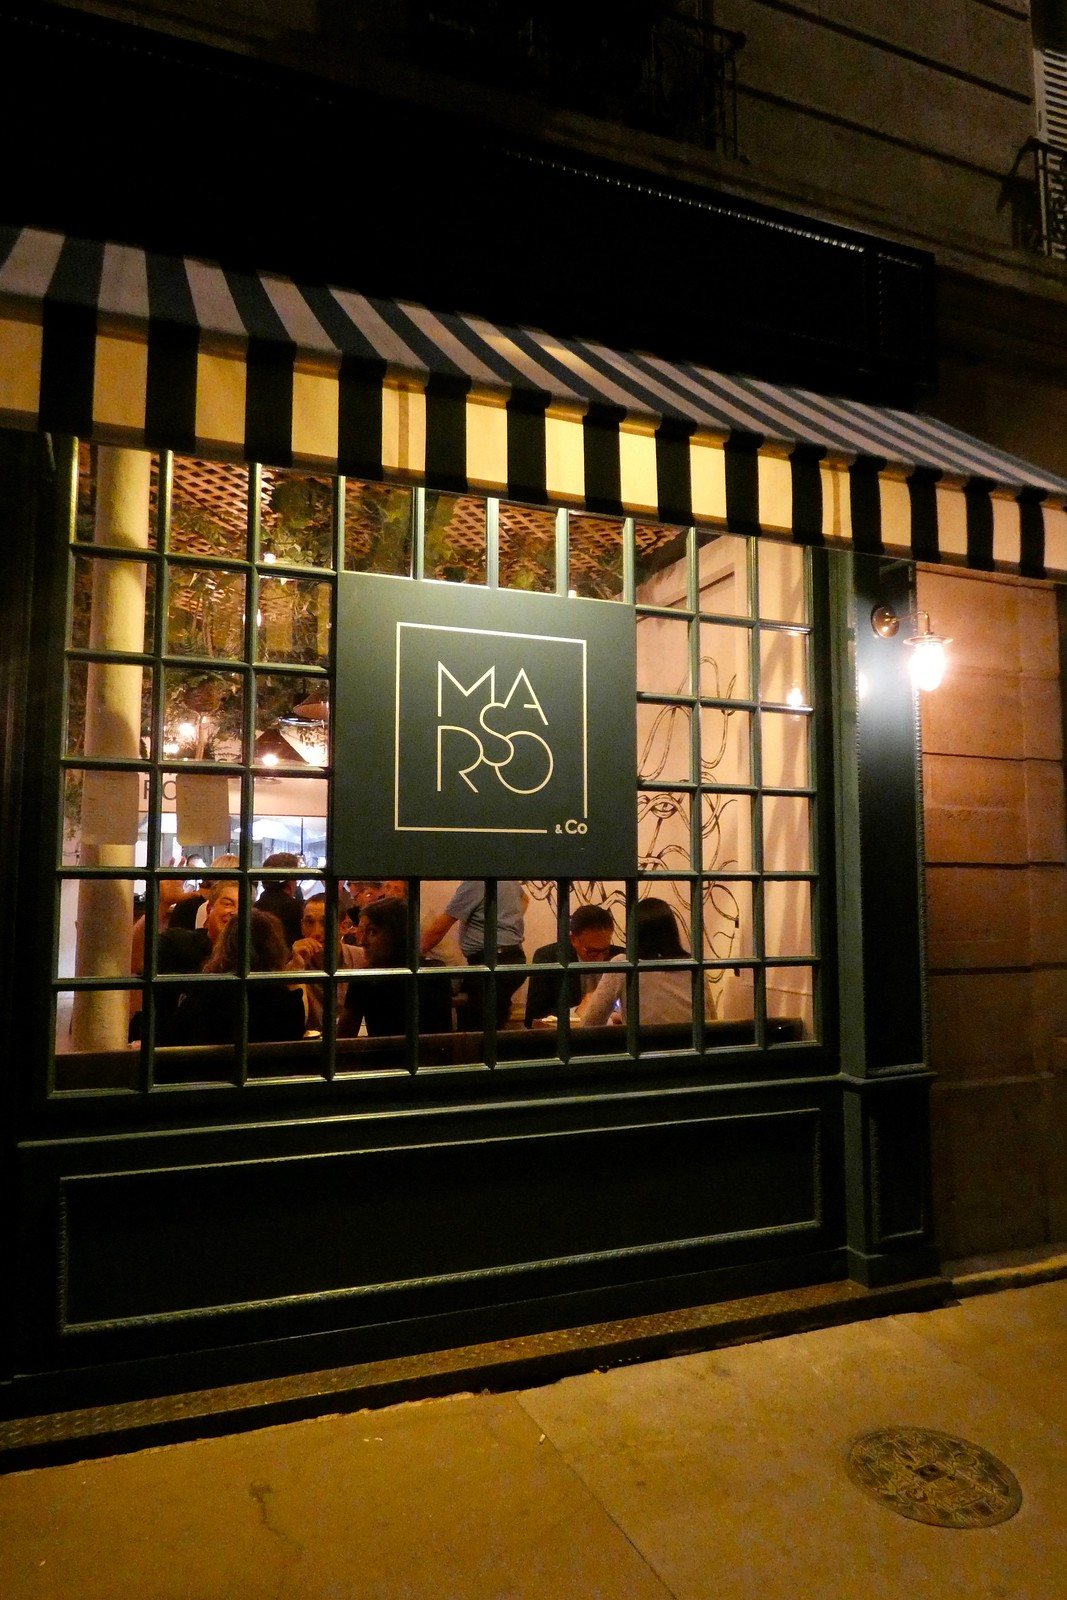 Restaurant Marso & Co, Paris